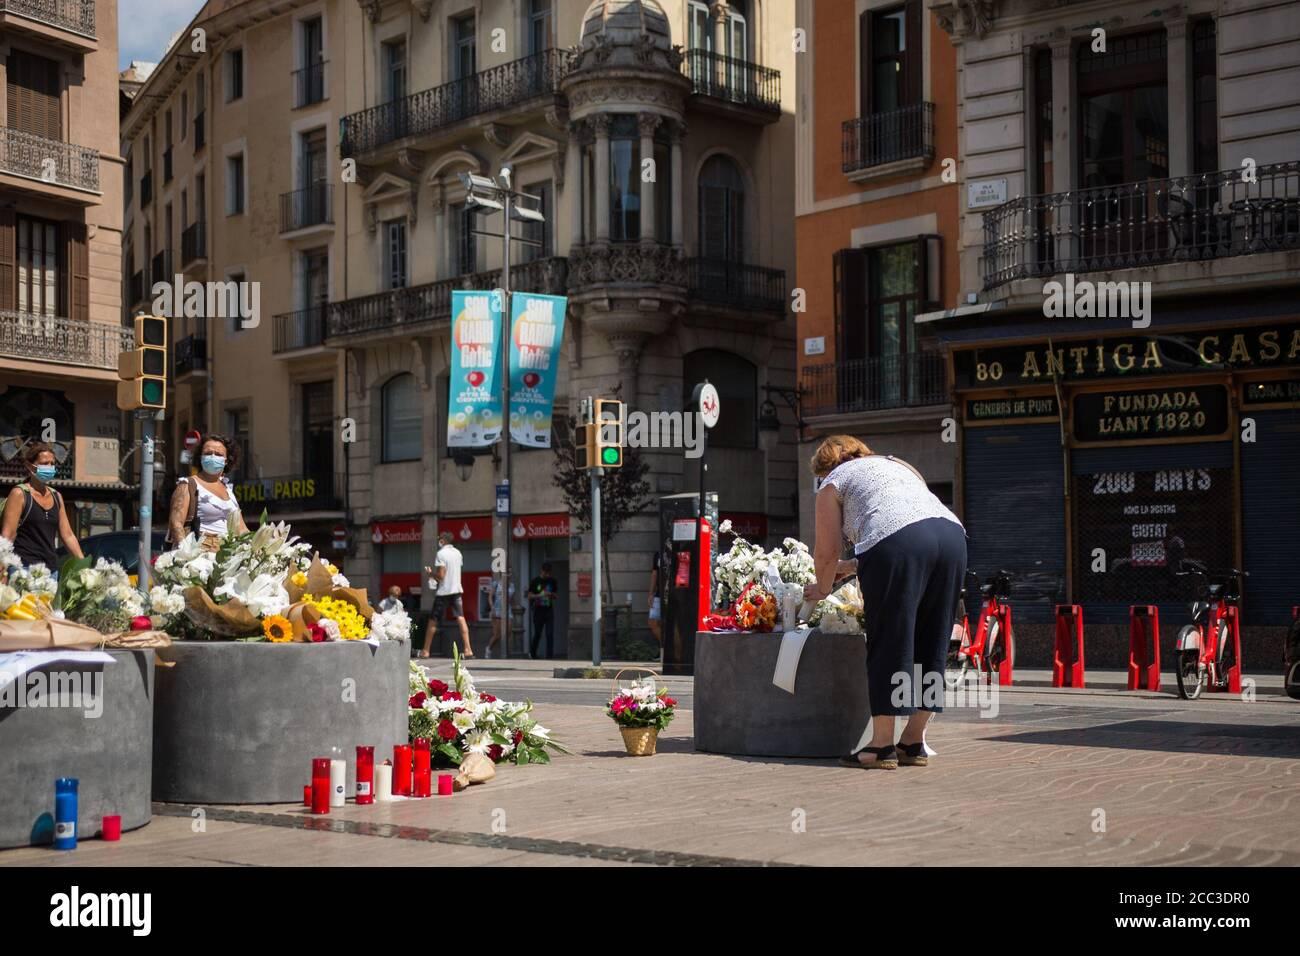 Une femme rend hommage aux victimes de l'attaque de Barcelone.trois ans après l'attaque de Barcelone, un hommage aux victimes est rendu à Las Ramblas. Banque D'Images